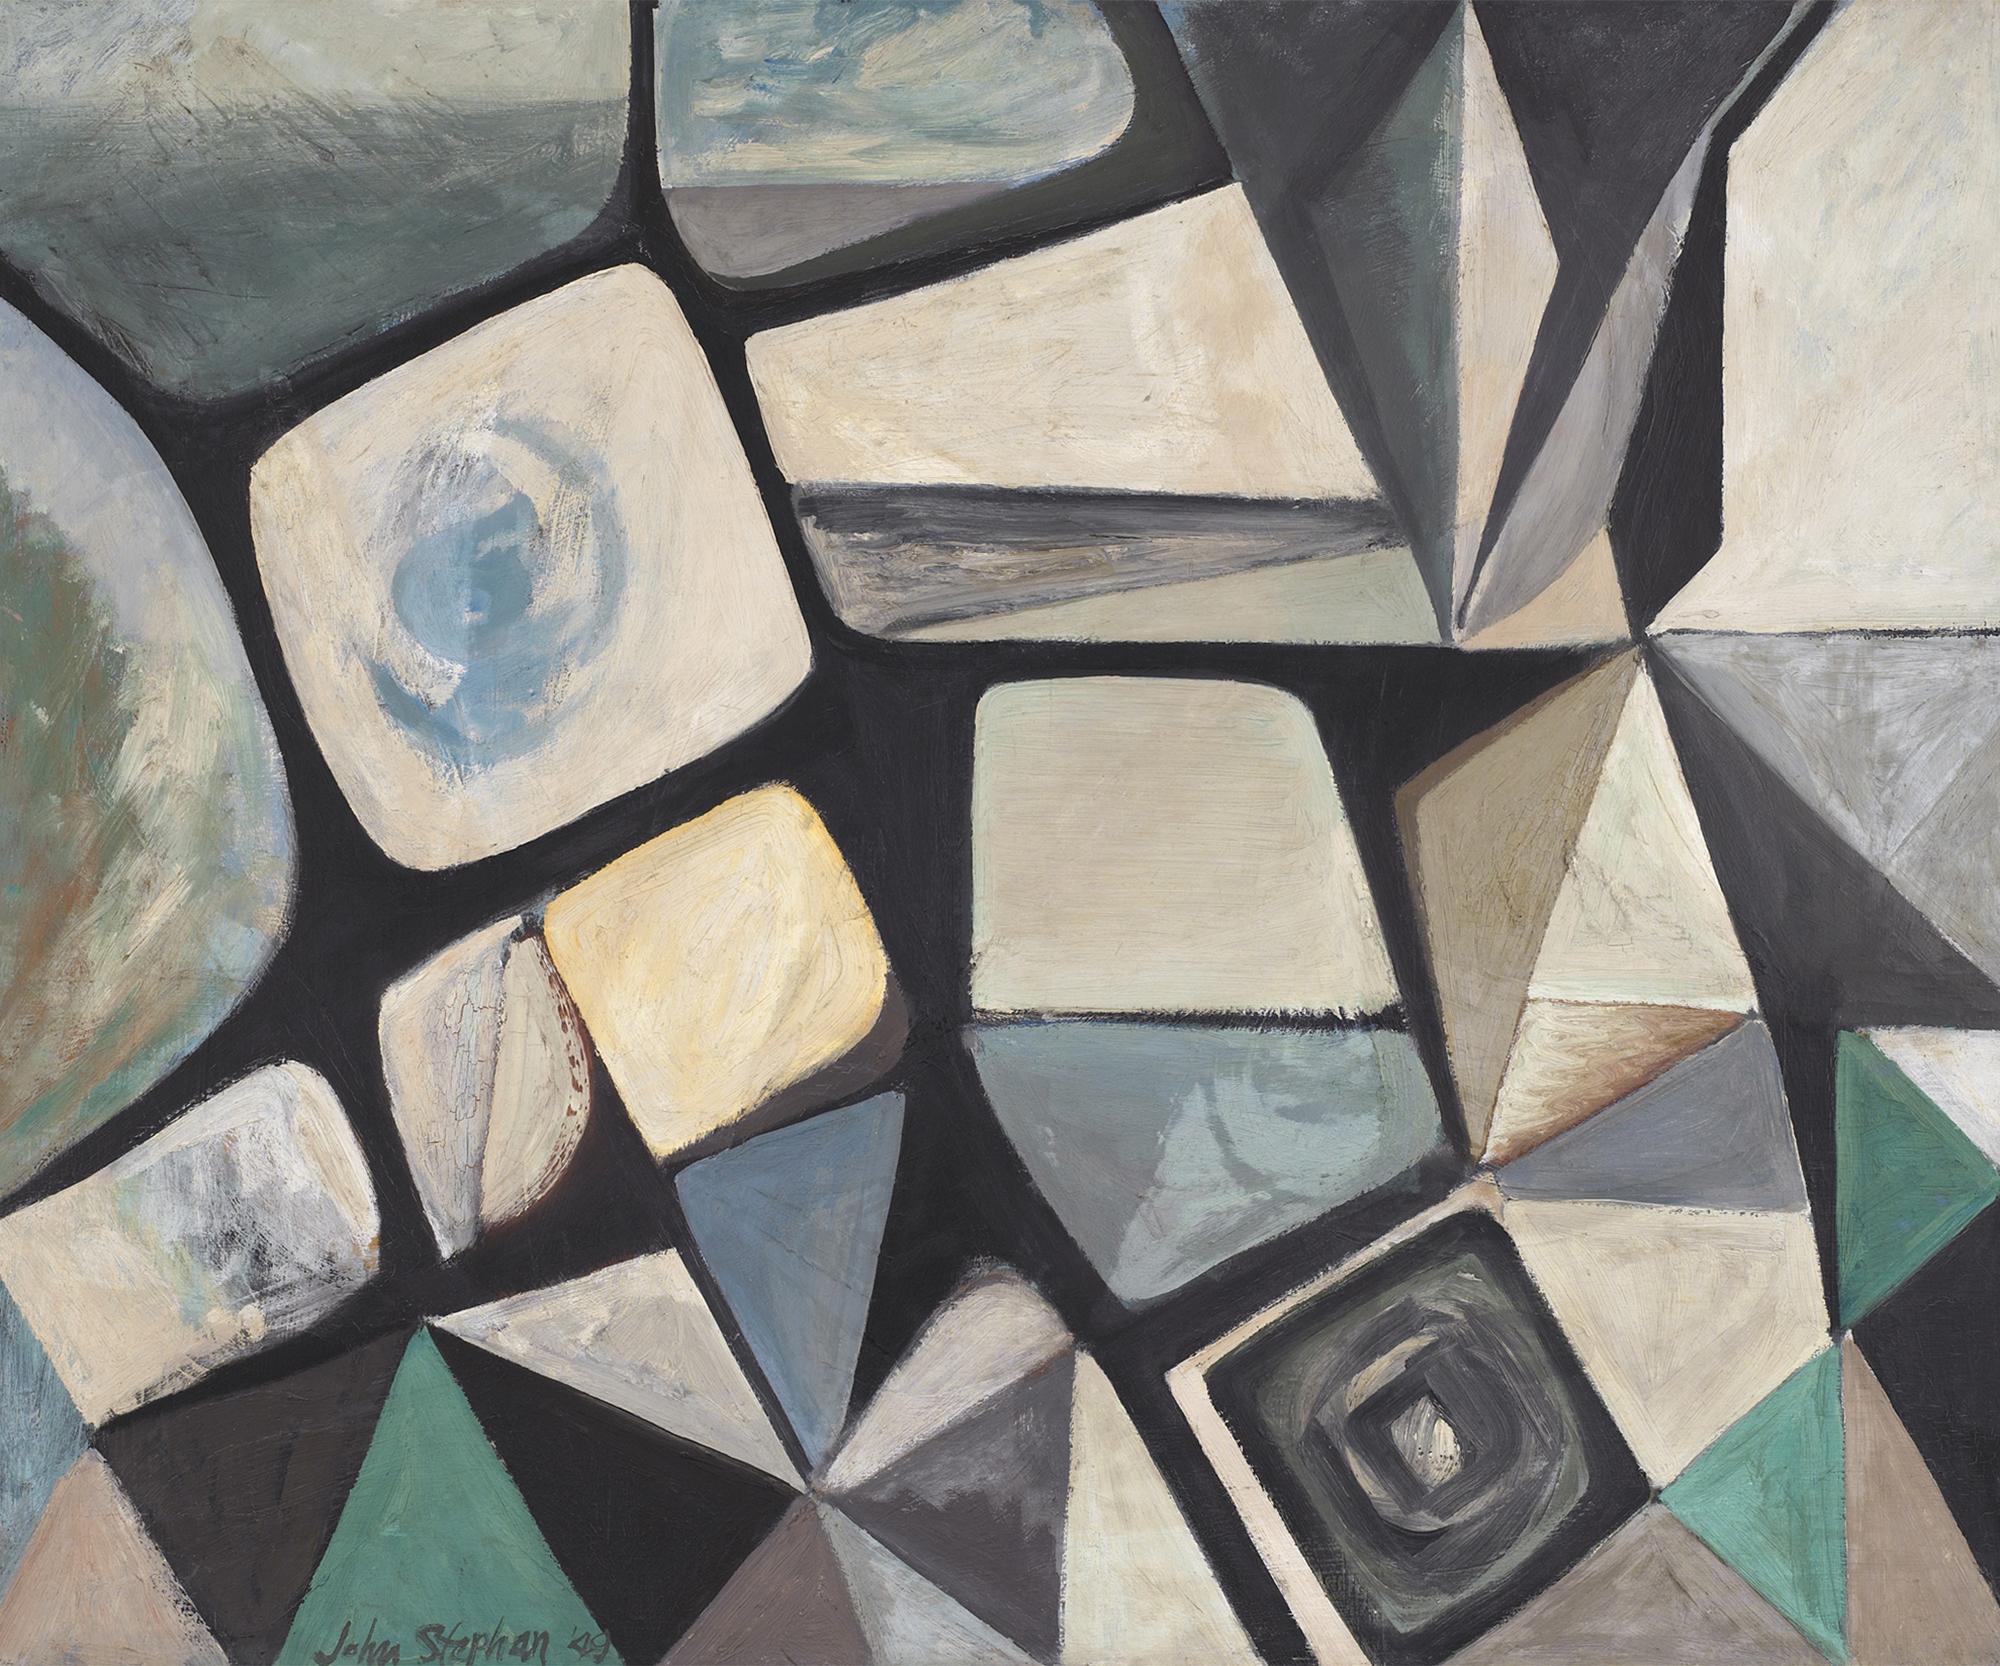 The Pyramid Confronts the Sea,  Oil on masonite, 1949, 36 x 44 inches